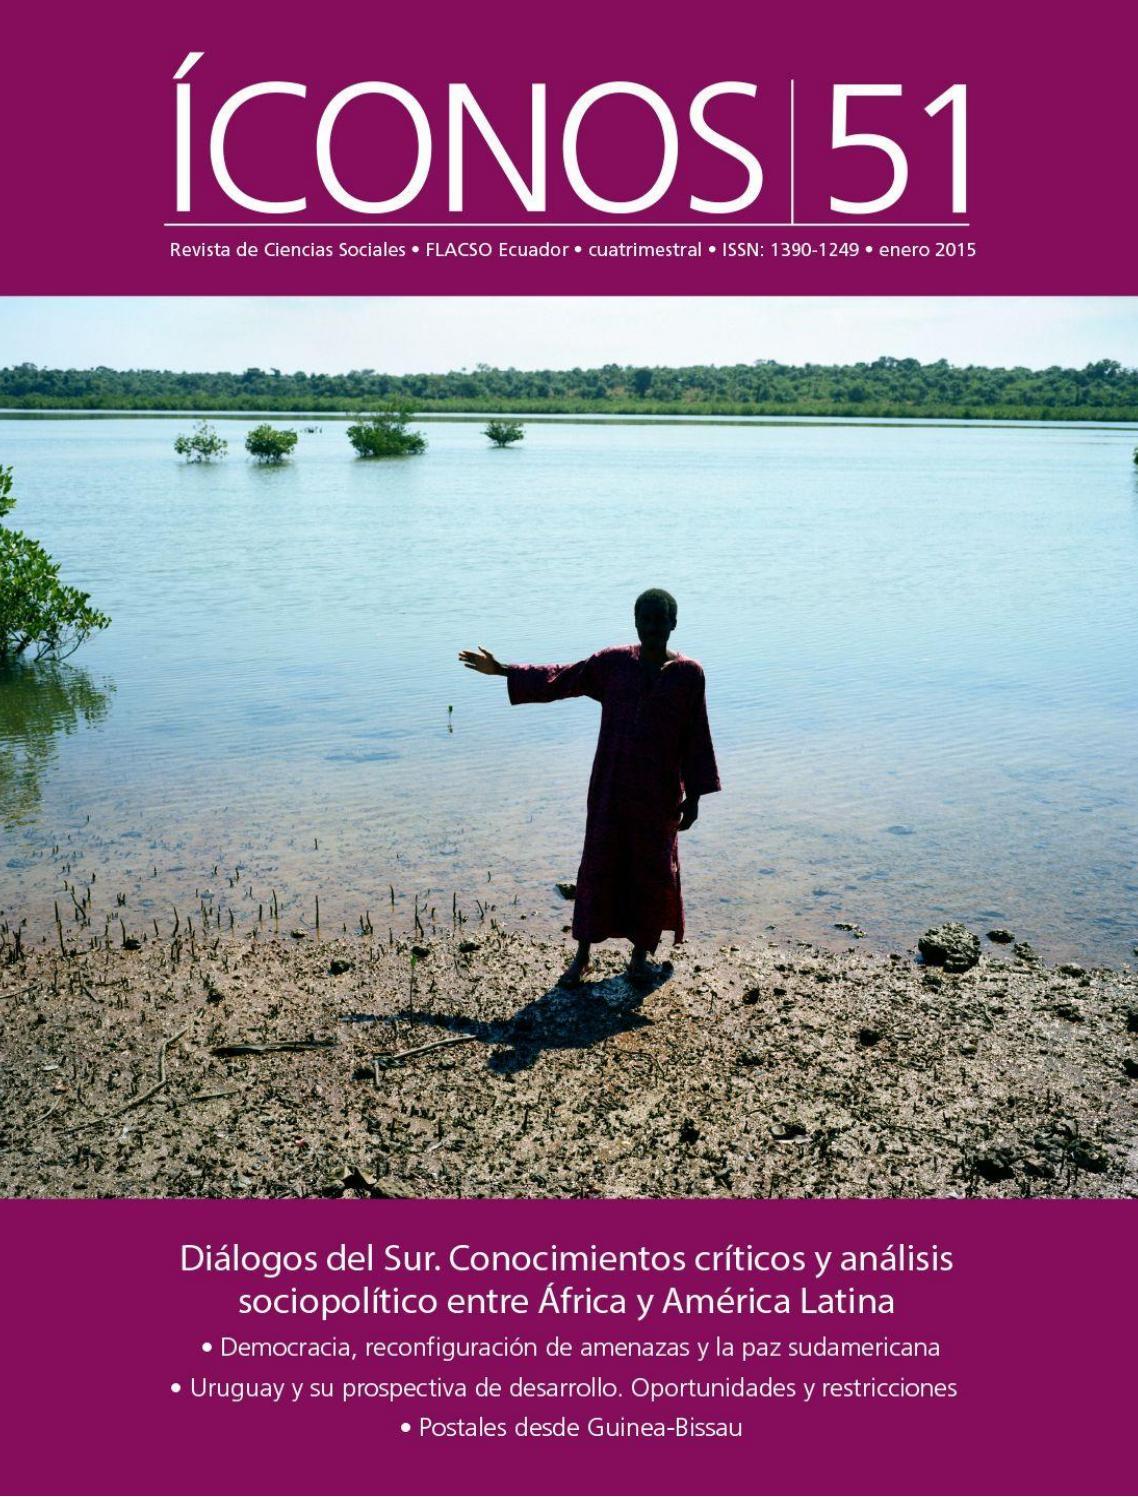 Dialogos Del Sur Conocimientos Criticos Y Analisis Sociopolitico Entre Africa Y America Latina By Iconosflacso Issuu